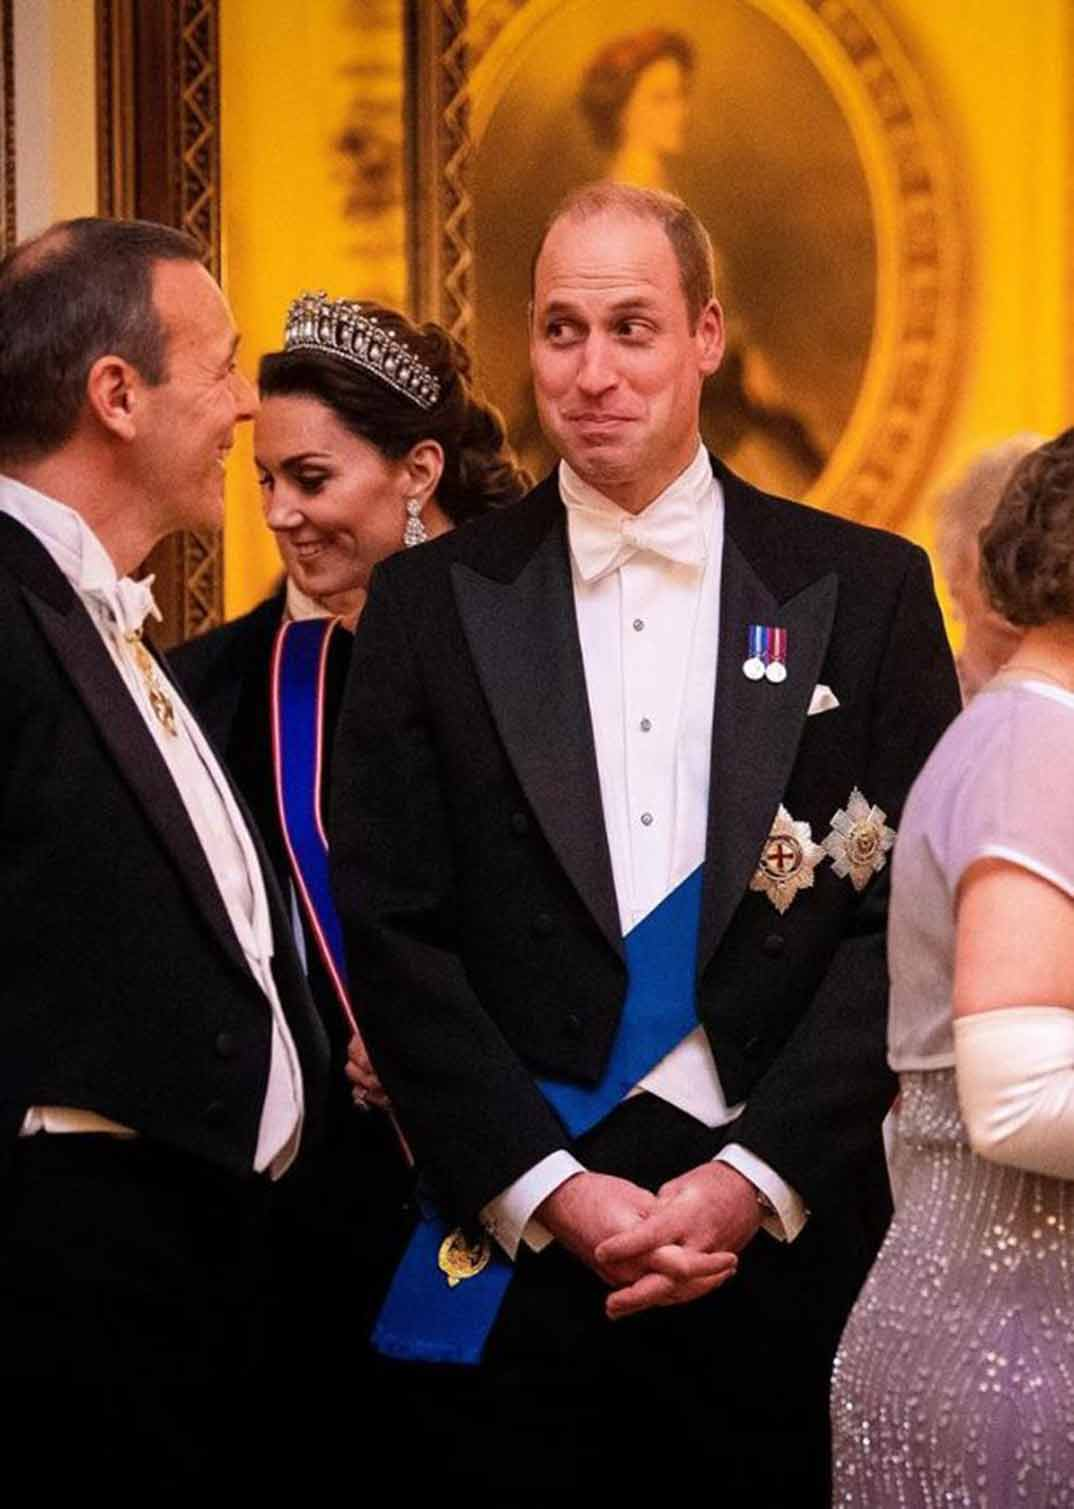 Duques de Cambridge © kesingtonpalace/Instagram